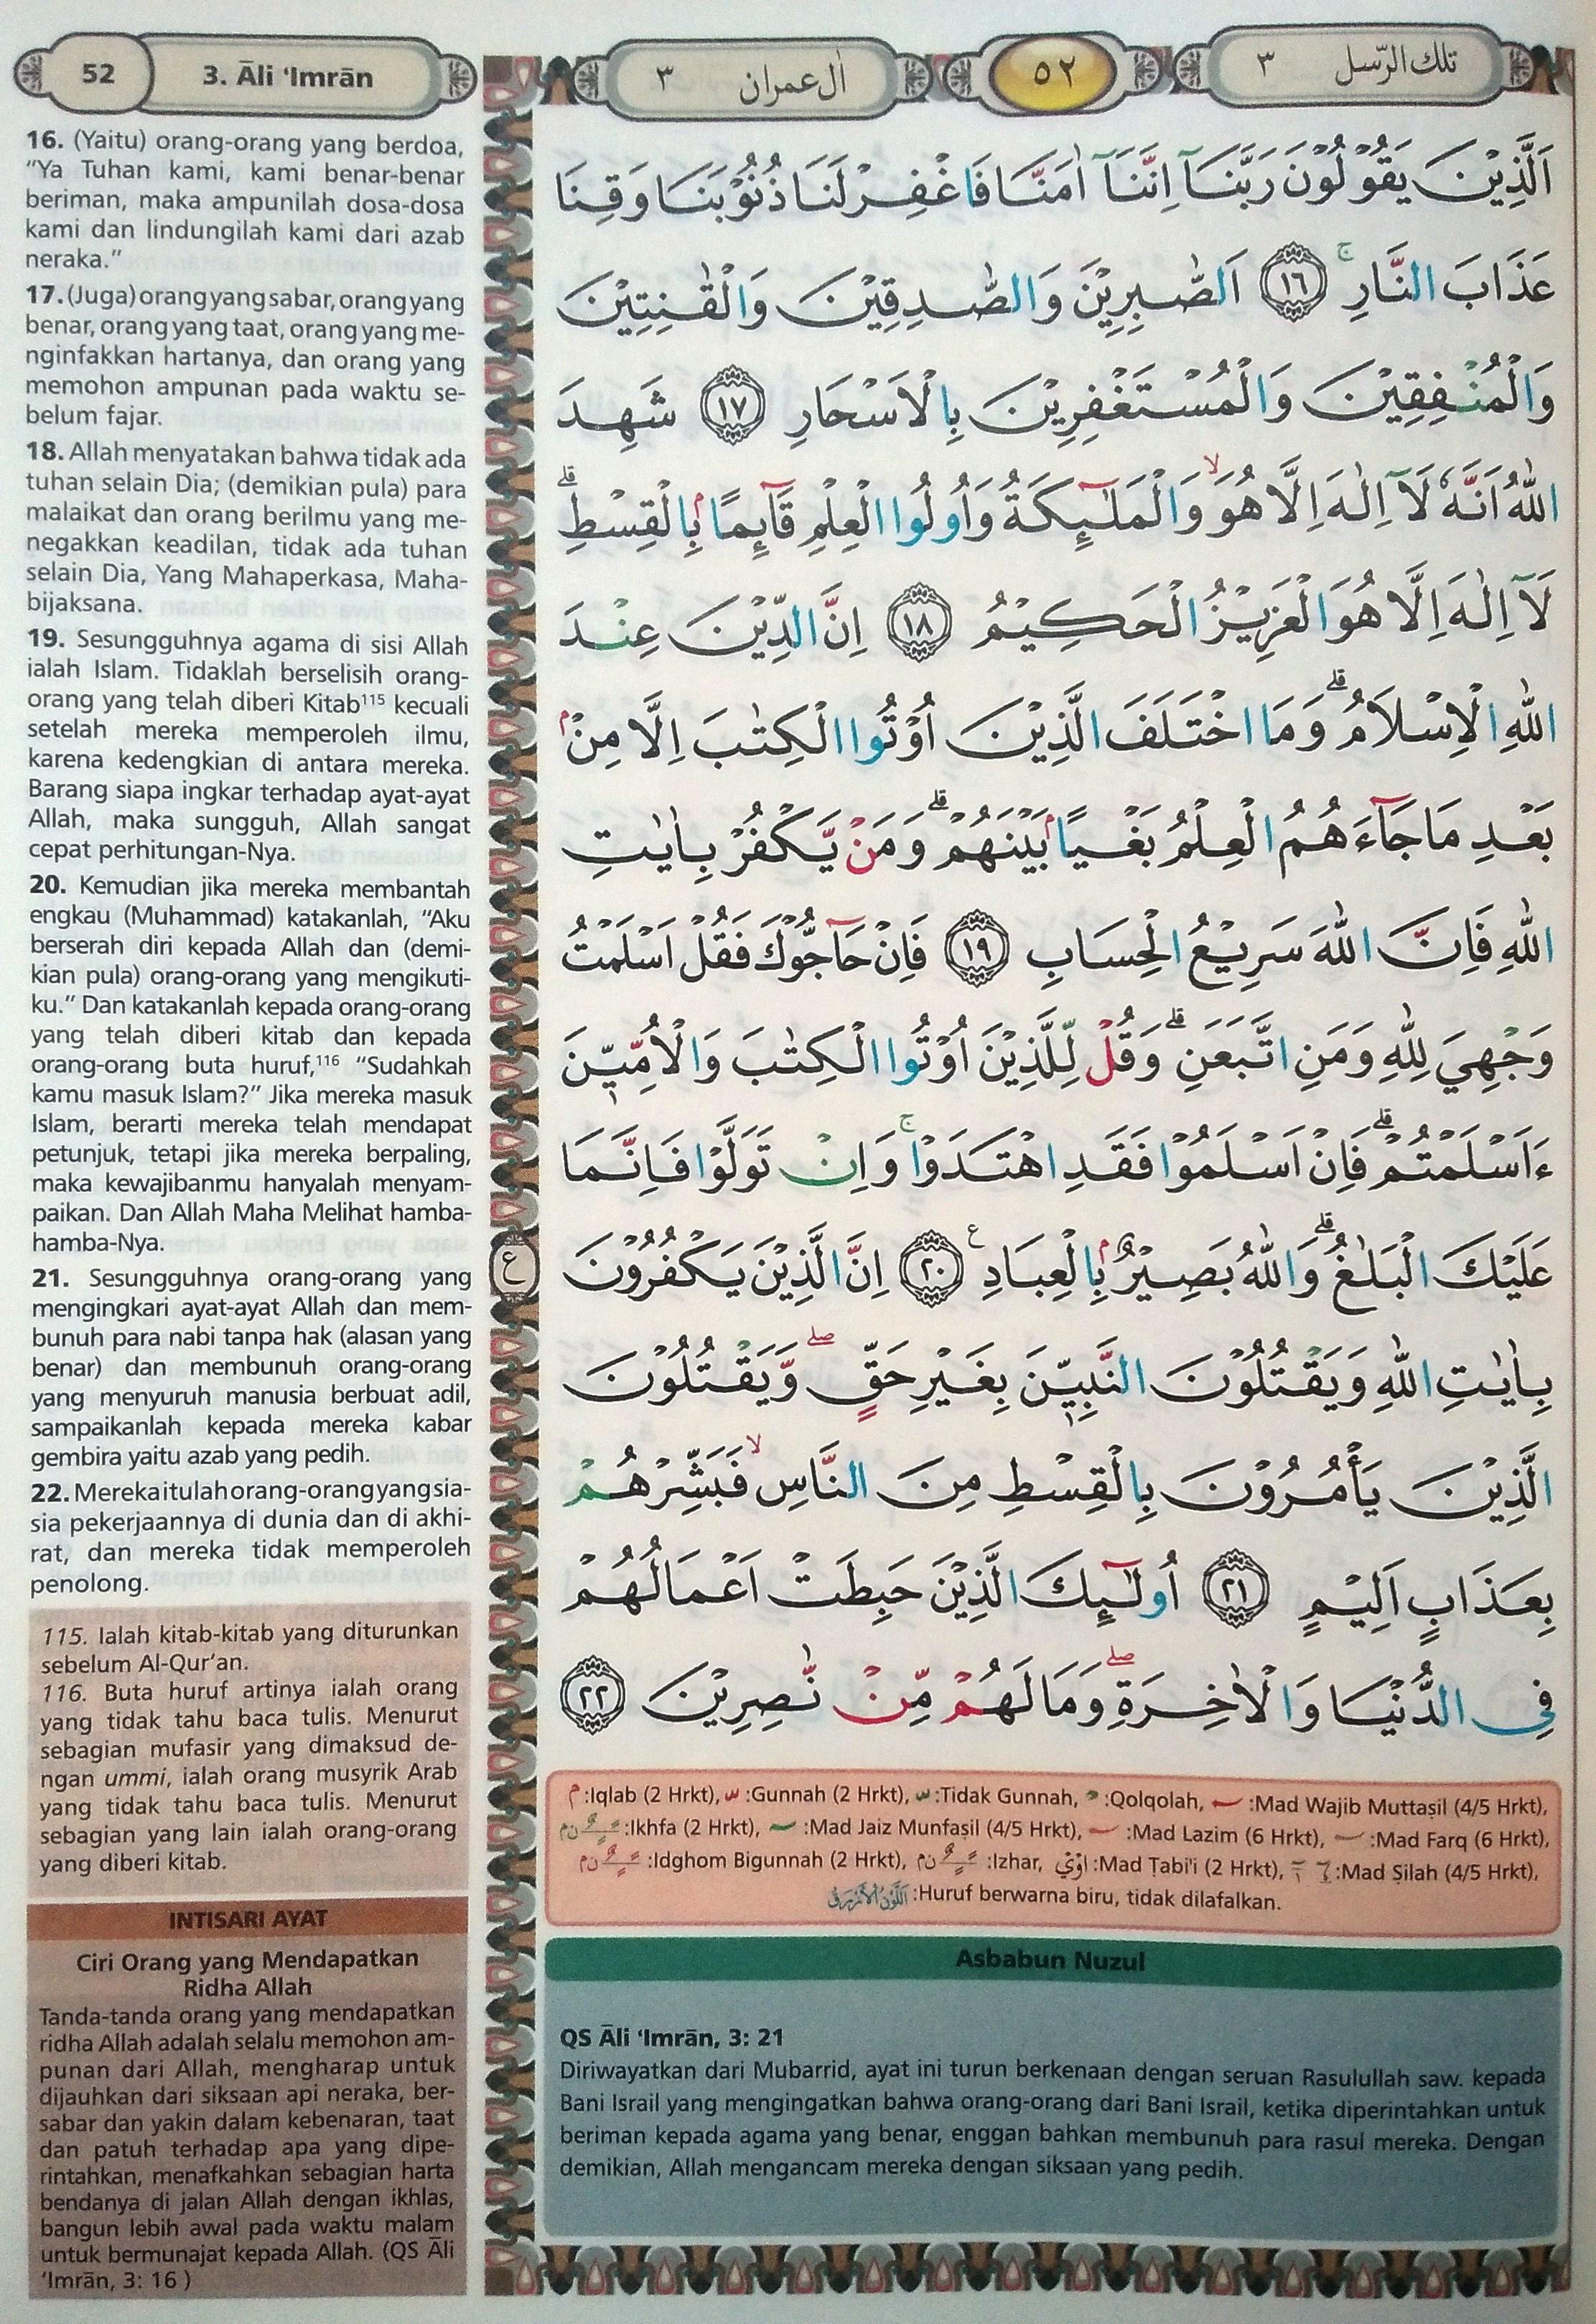 Ali Imran 10-15